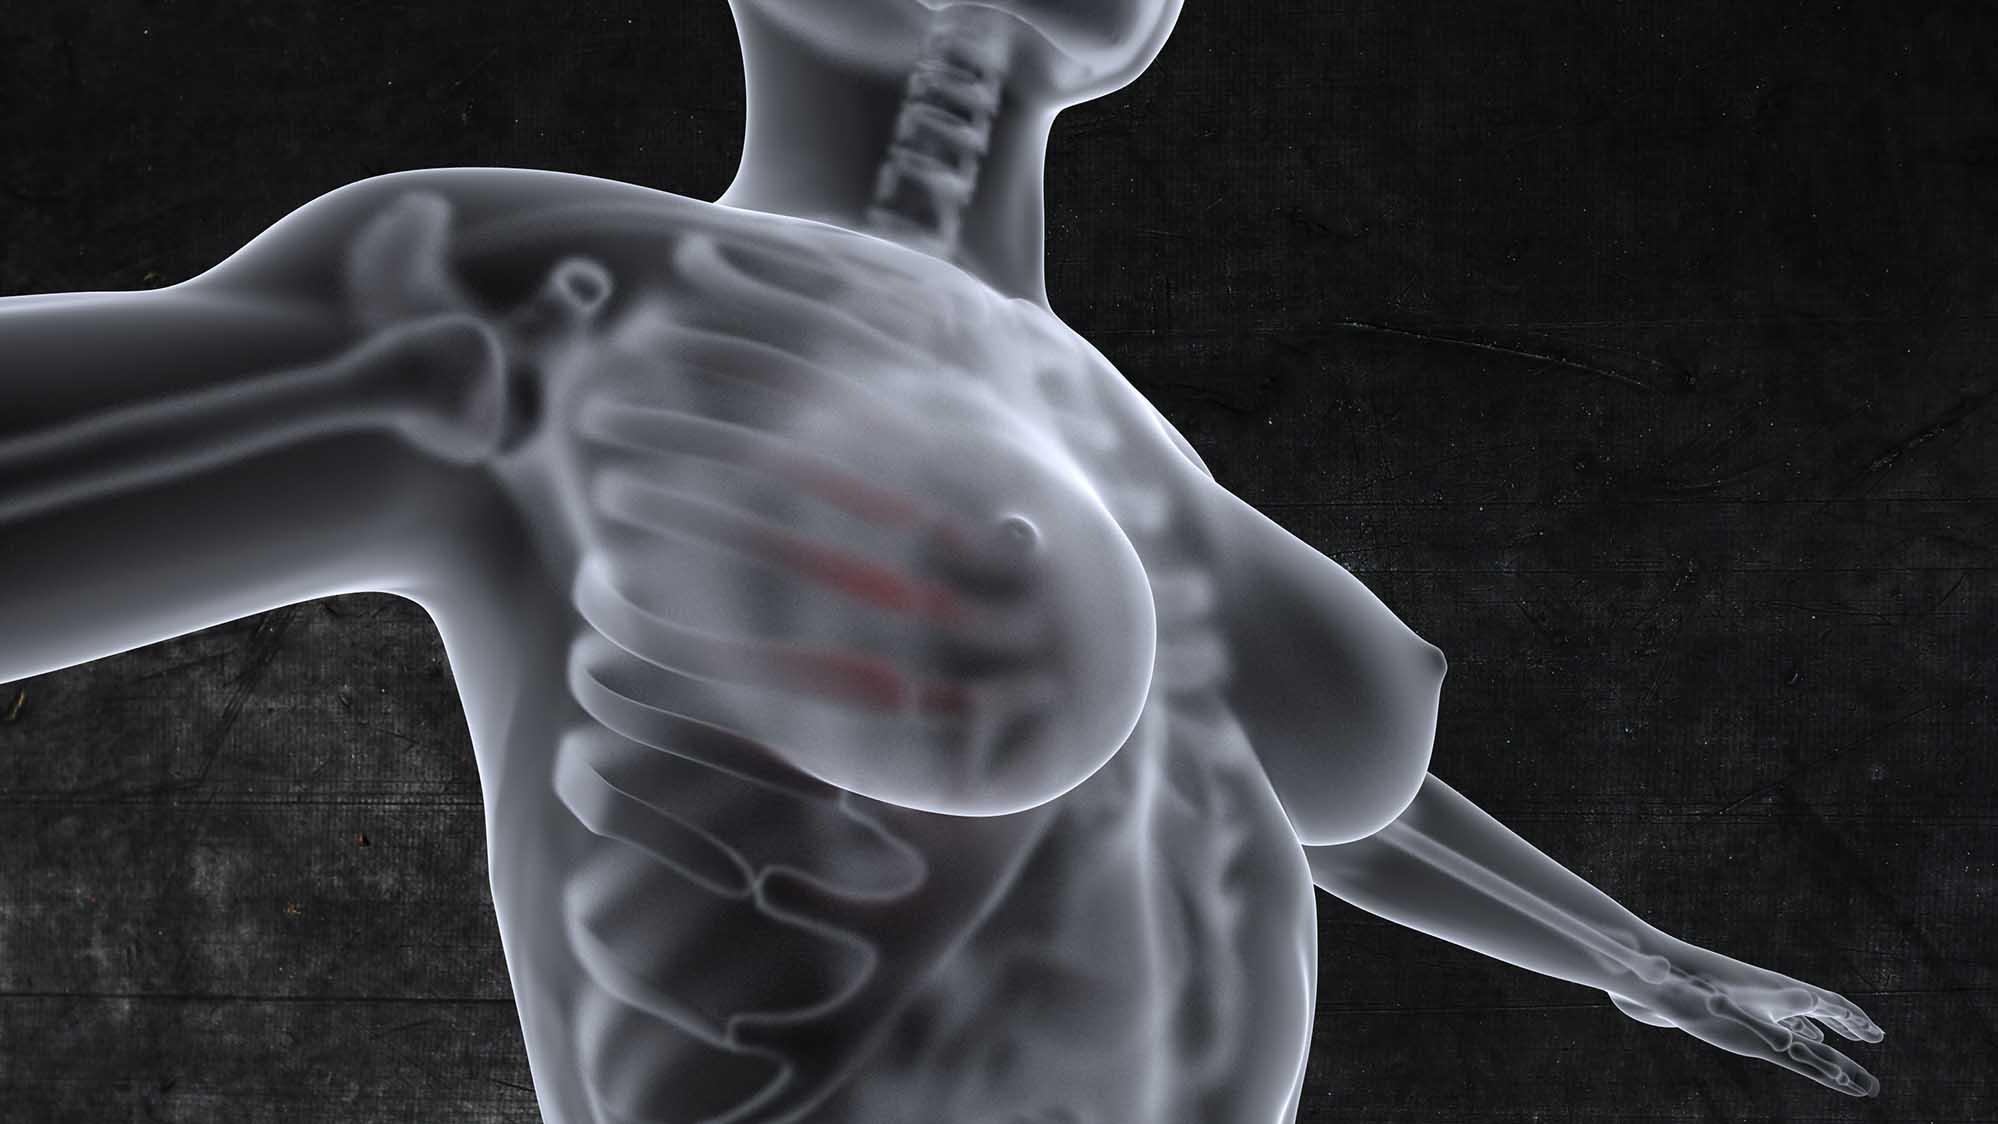 Wizualizacje 3D Ilustracja do książki, Centrum Onkologii Ziemi Lubelskiej